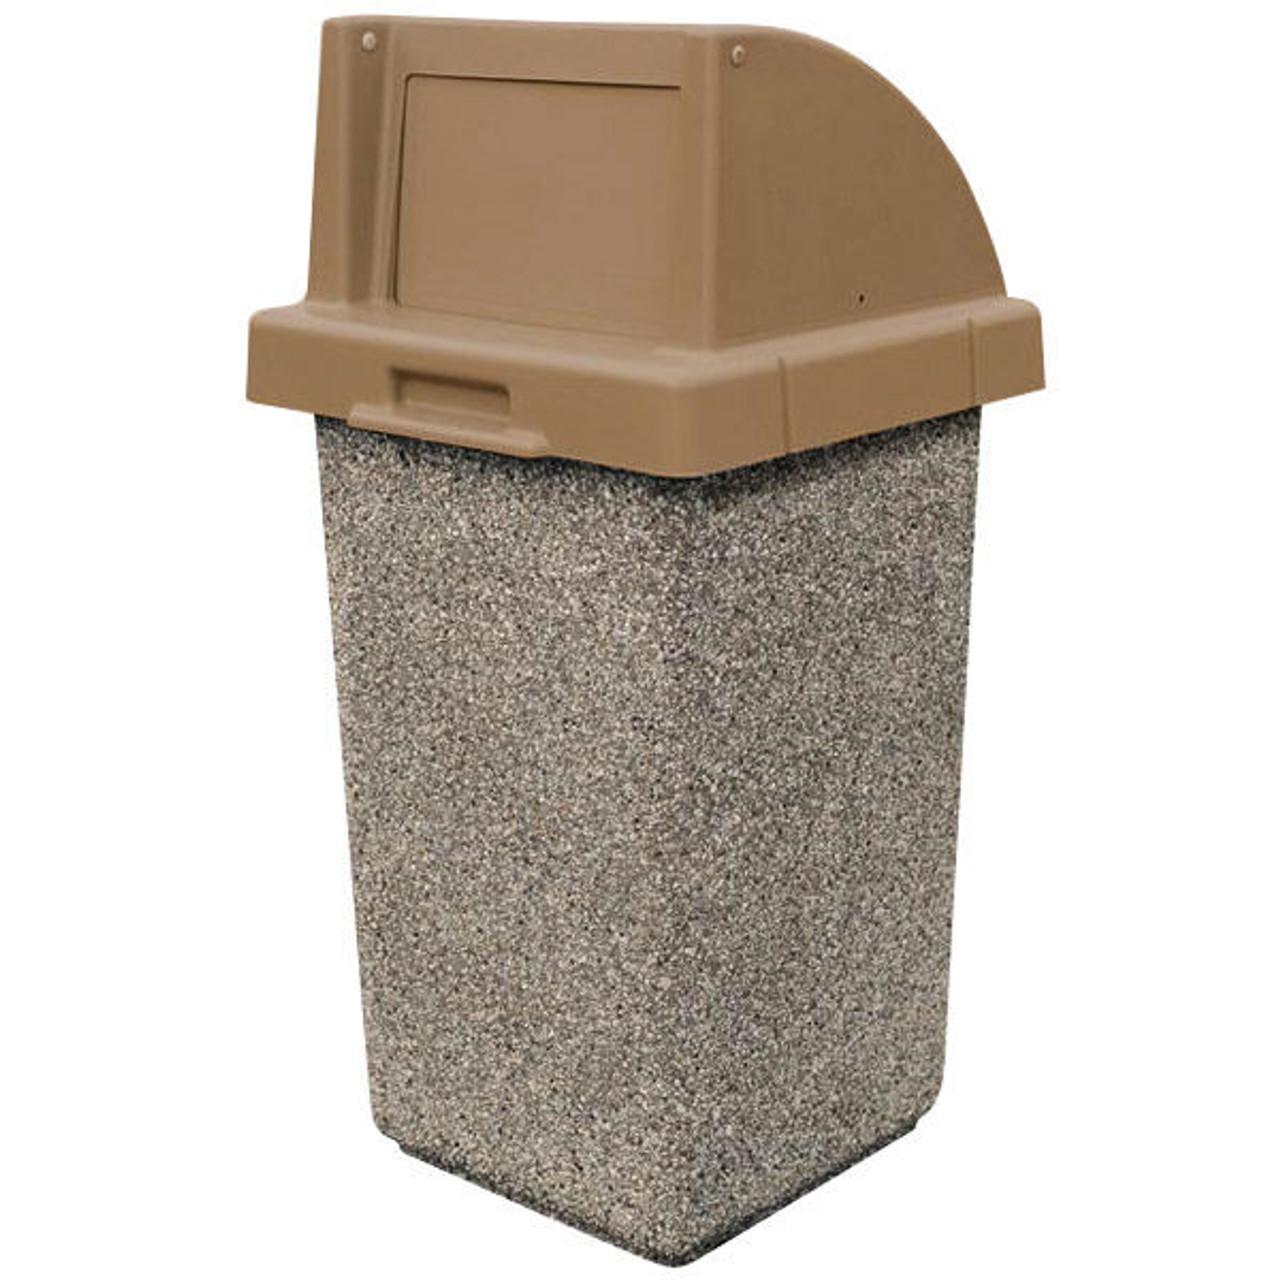 30 Gallon Concrete Push Door Top Outdoor Waste Container TF1015 Exposed Aggregate Tan (Gray) E23